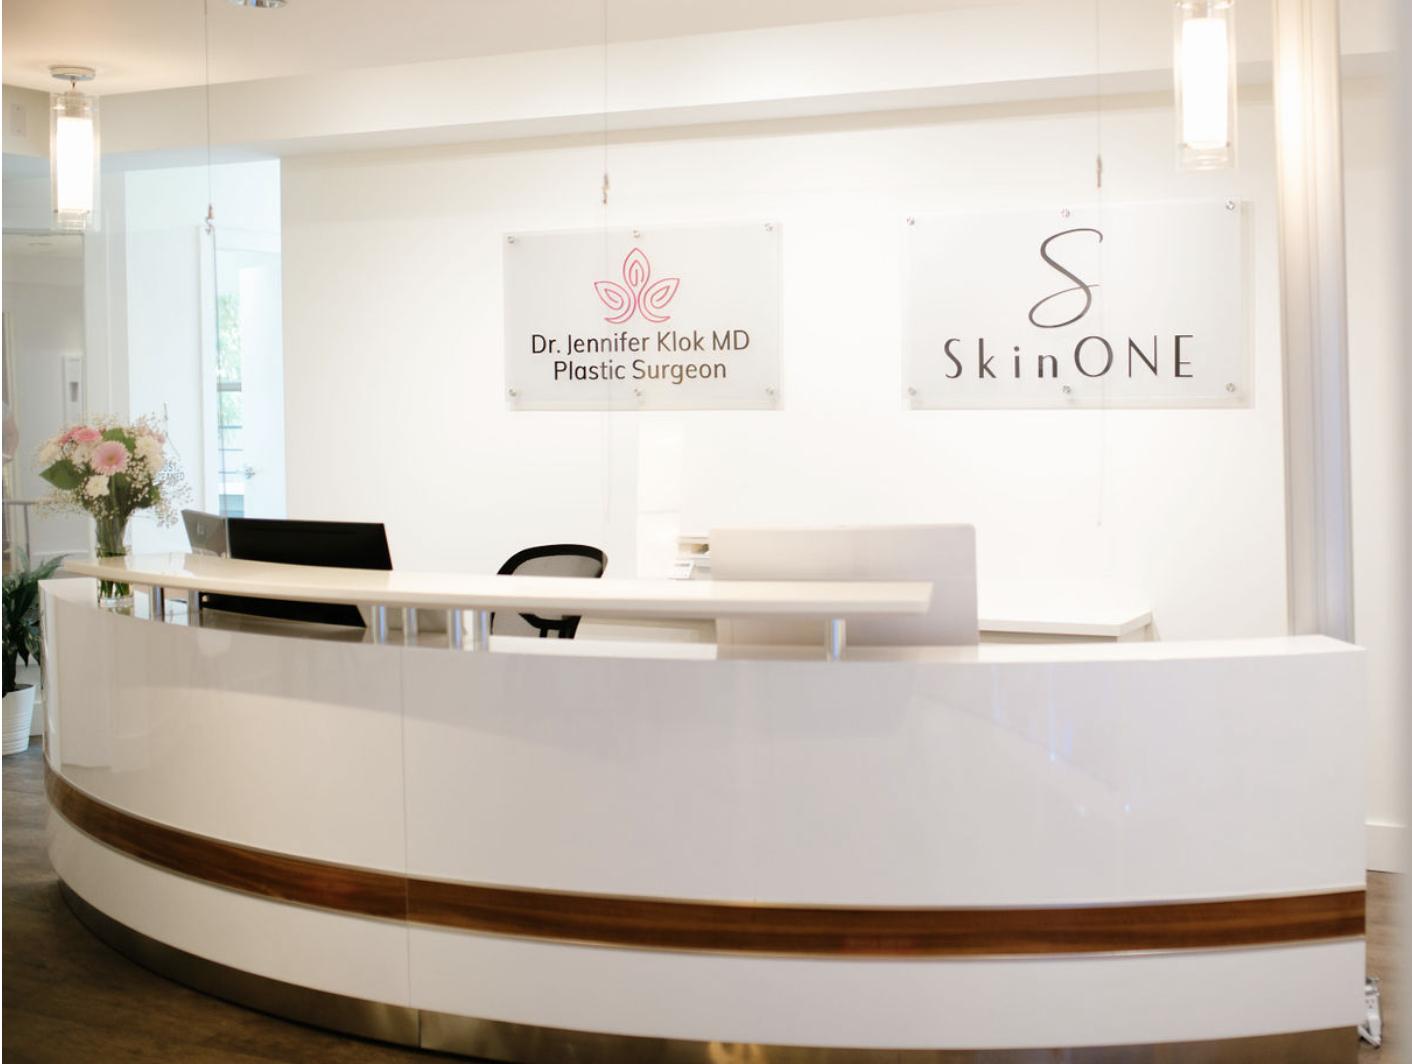 SkinOne Reception, Vancouver BC